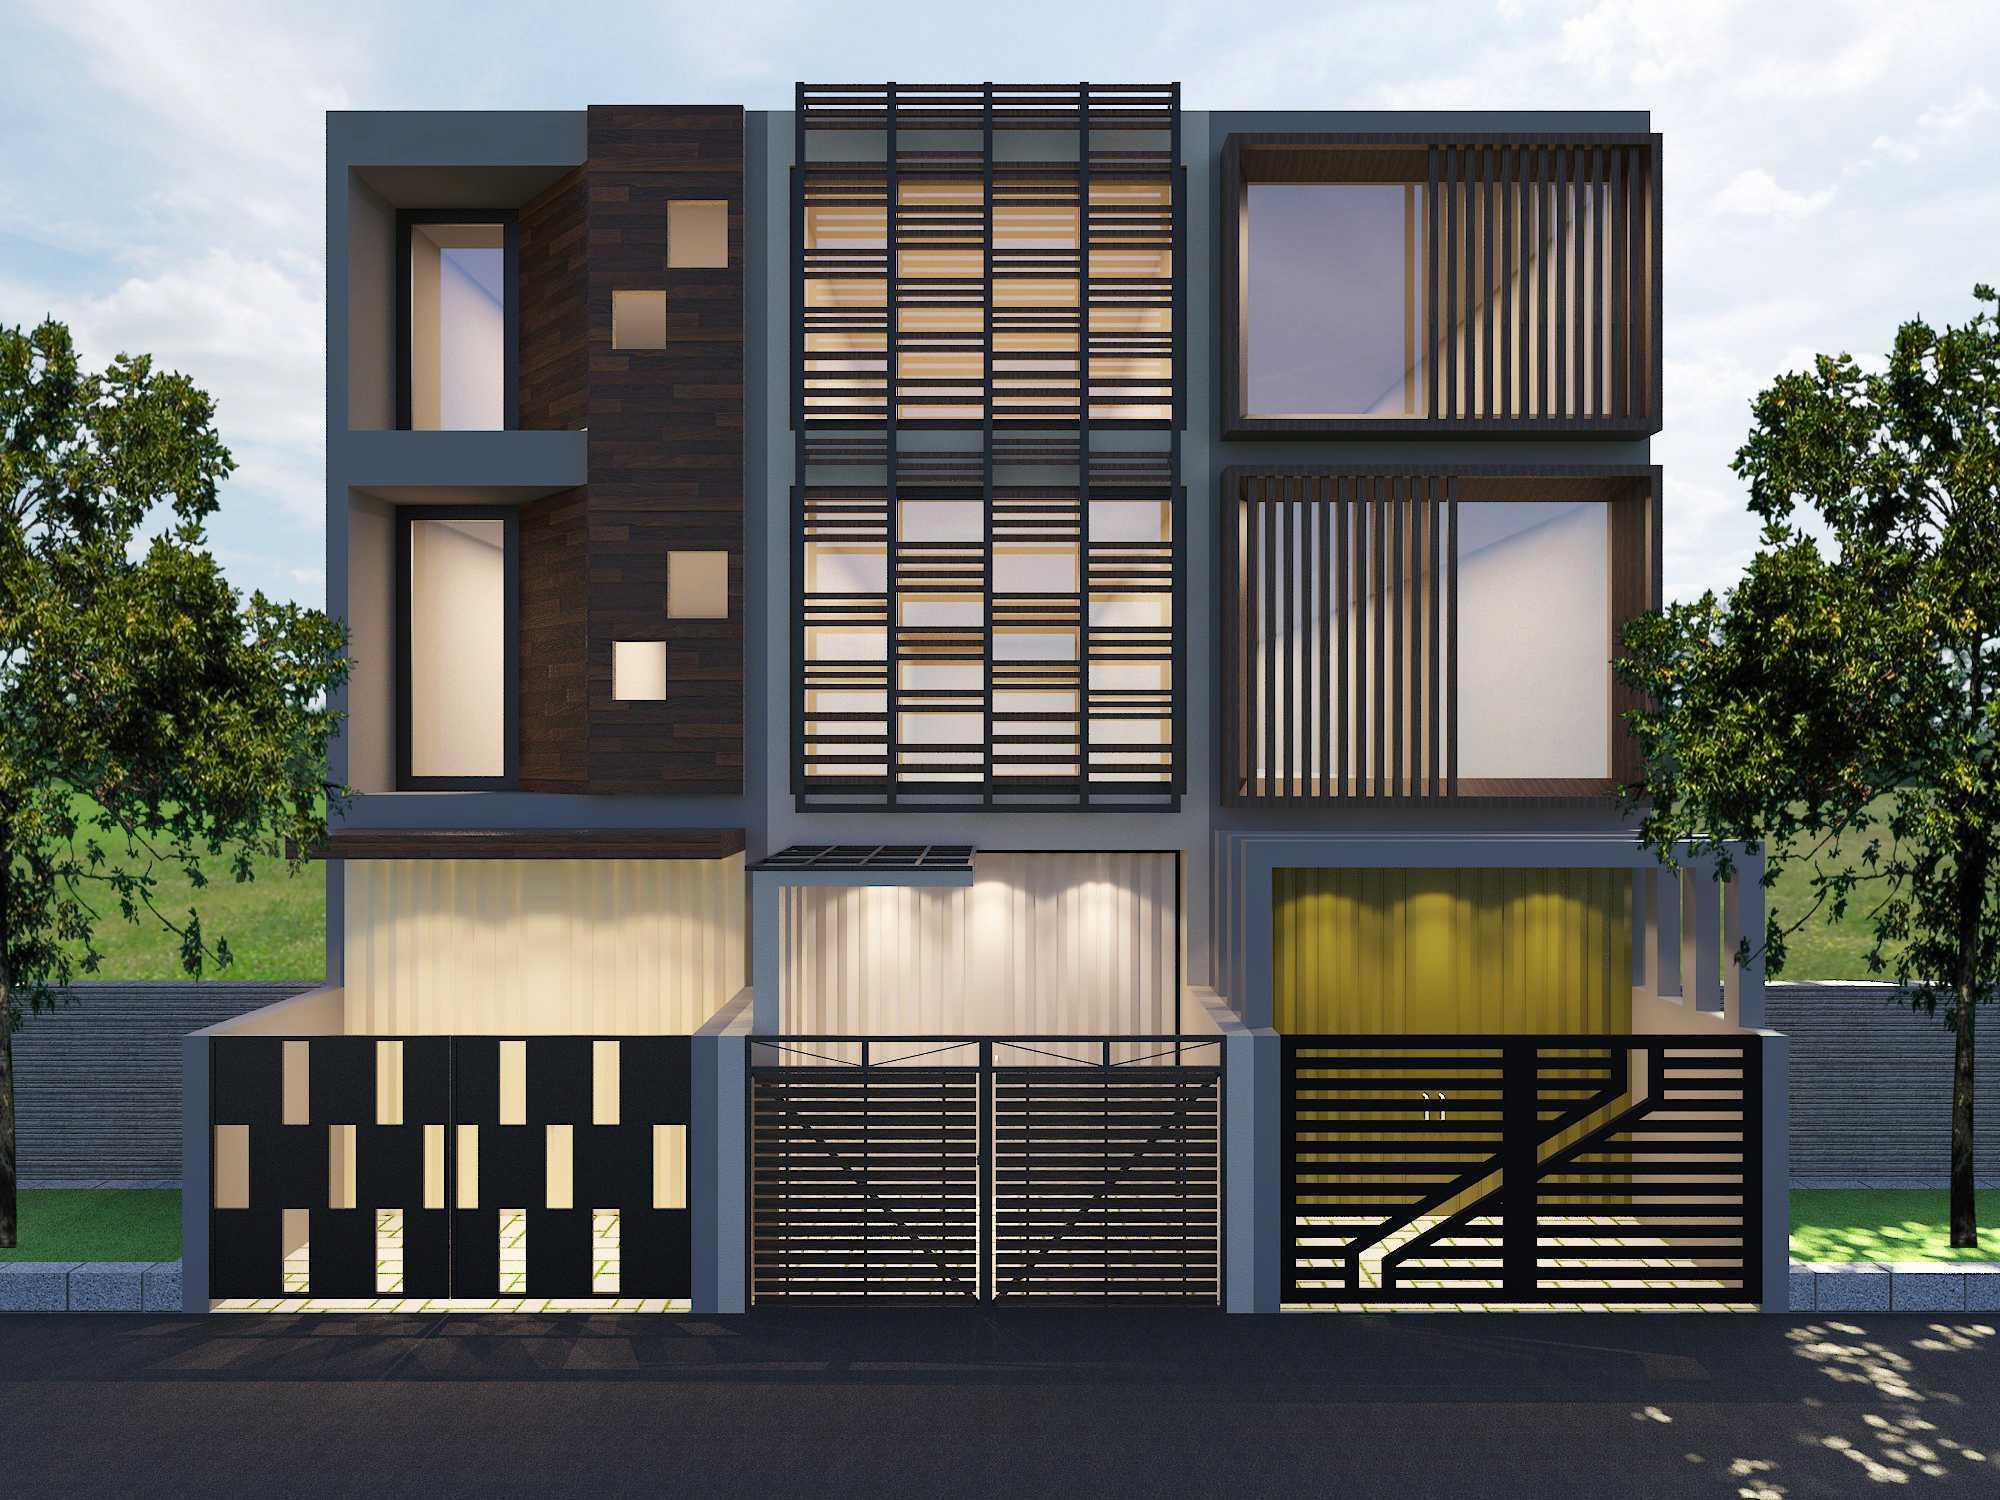 Simplifica Interior Mi House Medan, Kota Medan, Sumatera Utara, Indonesia Medan, Kota Medan, Sumatera Utara, Indonesia Simplifica-Interior-Mr-Ivan-House   62984